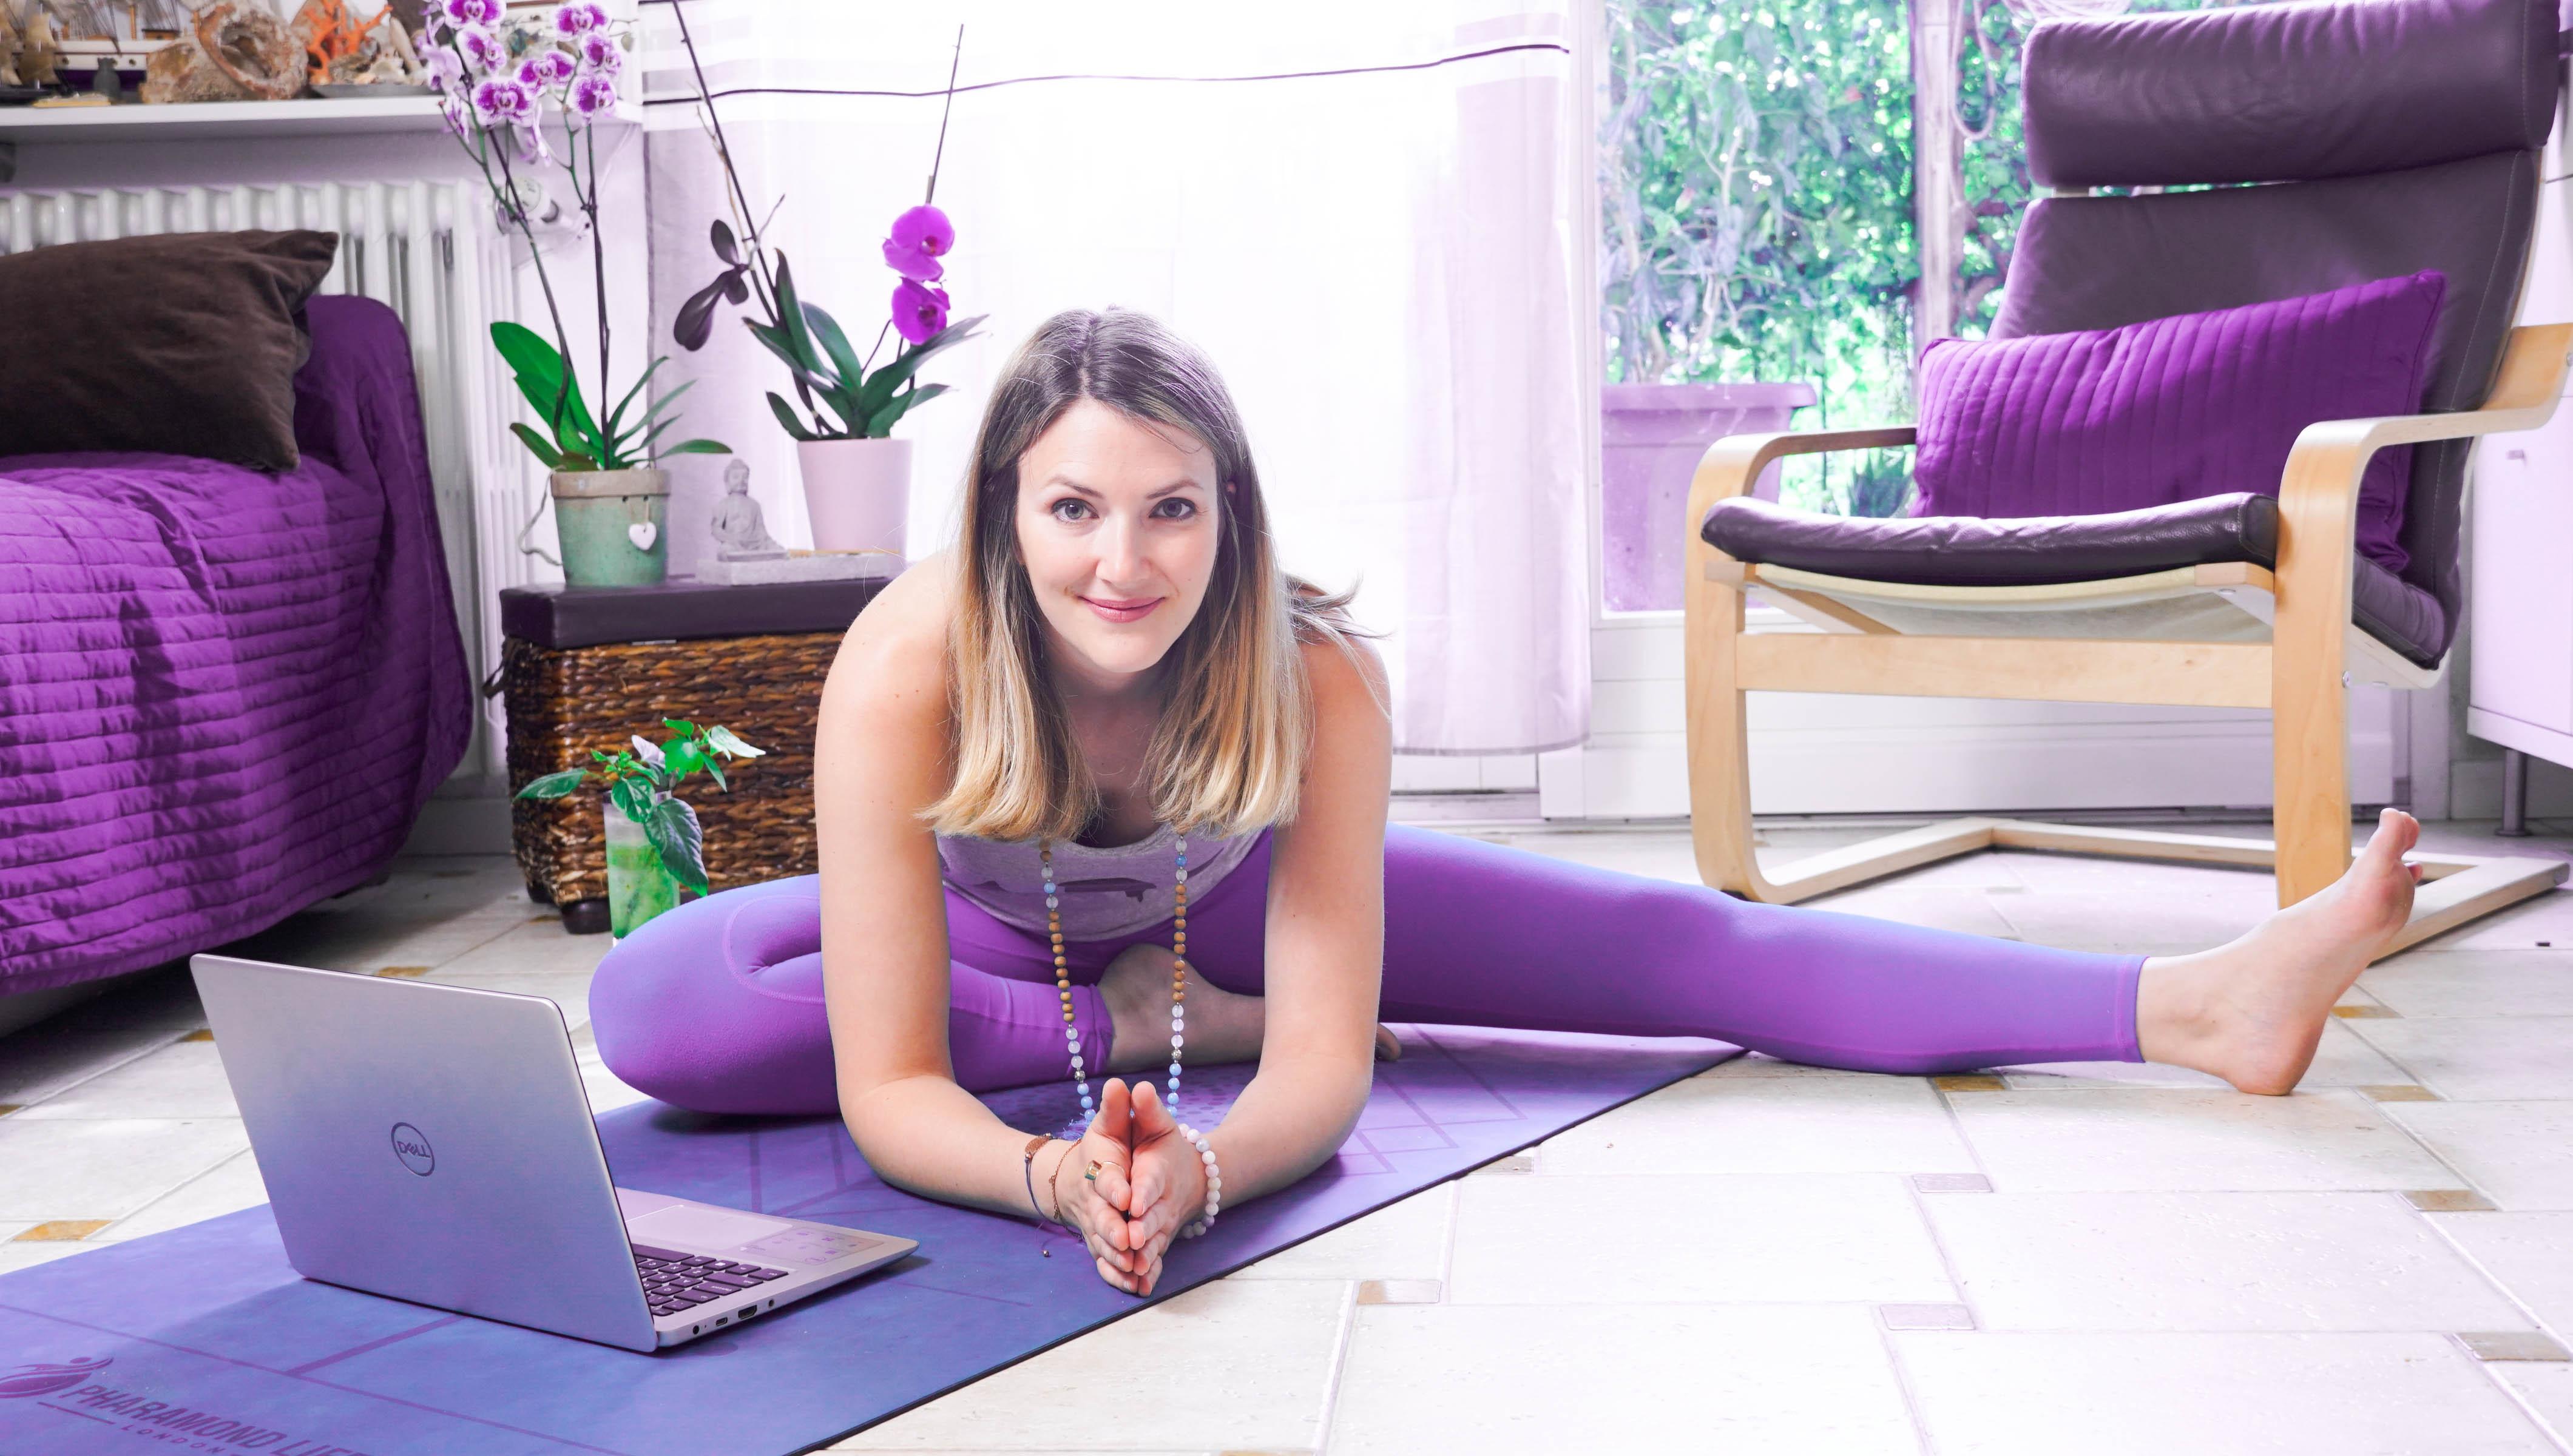 Yoga Teacher Training As A Career Choice During the Global Pandemic